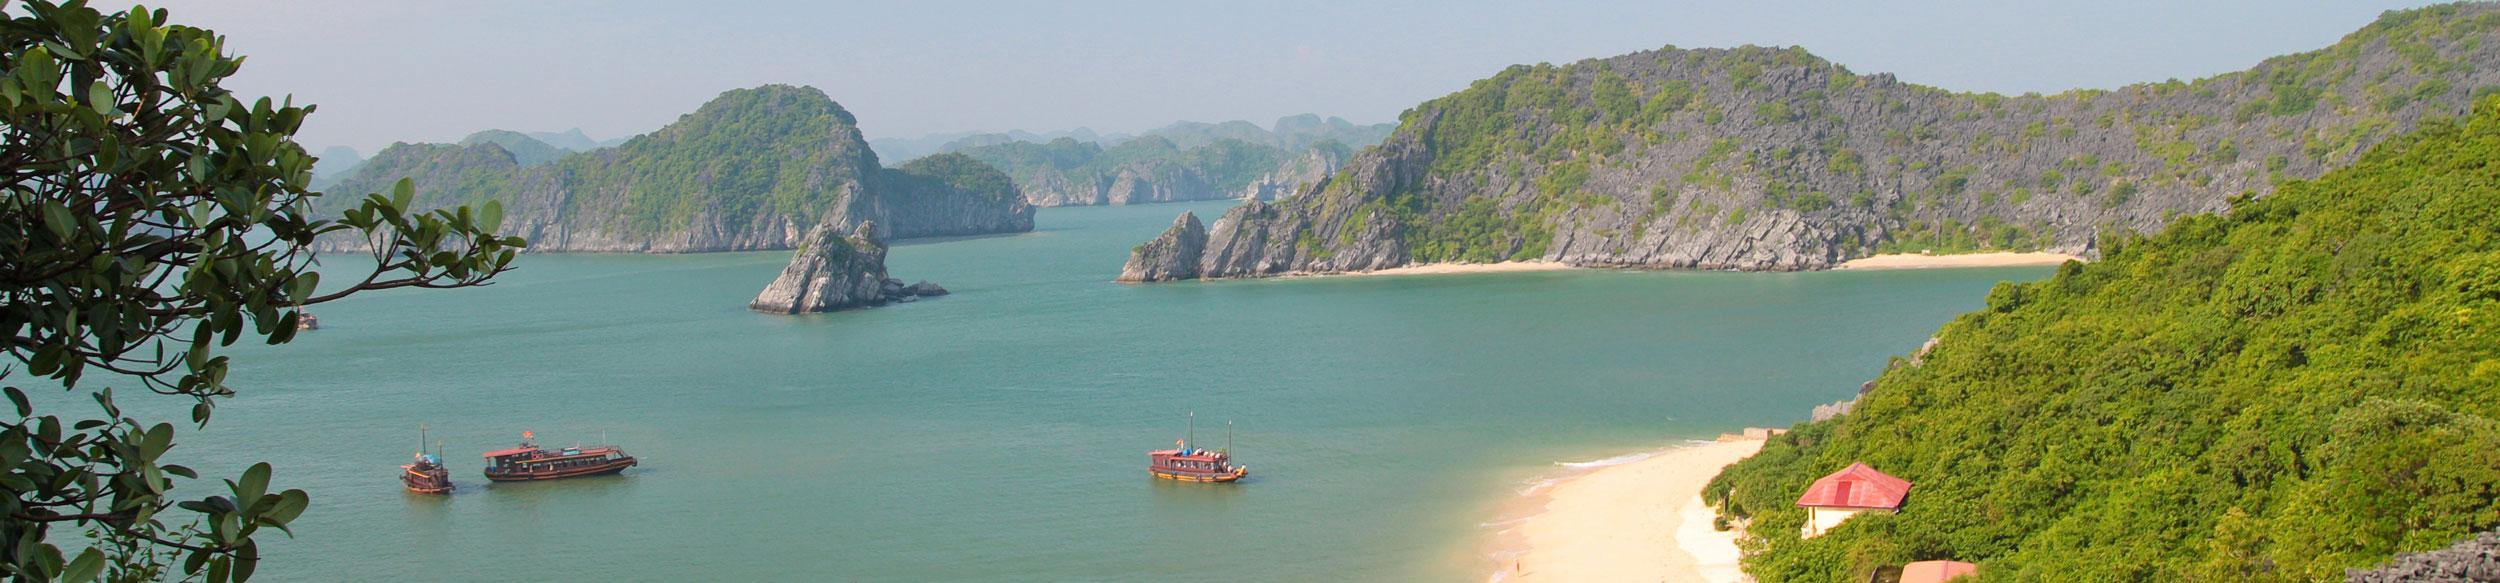 Découvrir la baie d'halong avec Carnets d'Asie